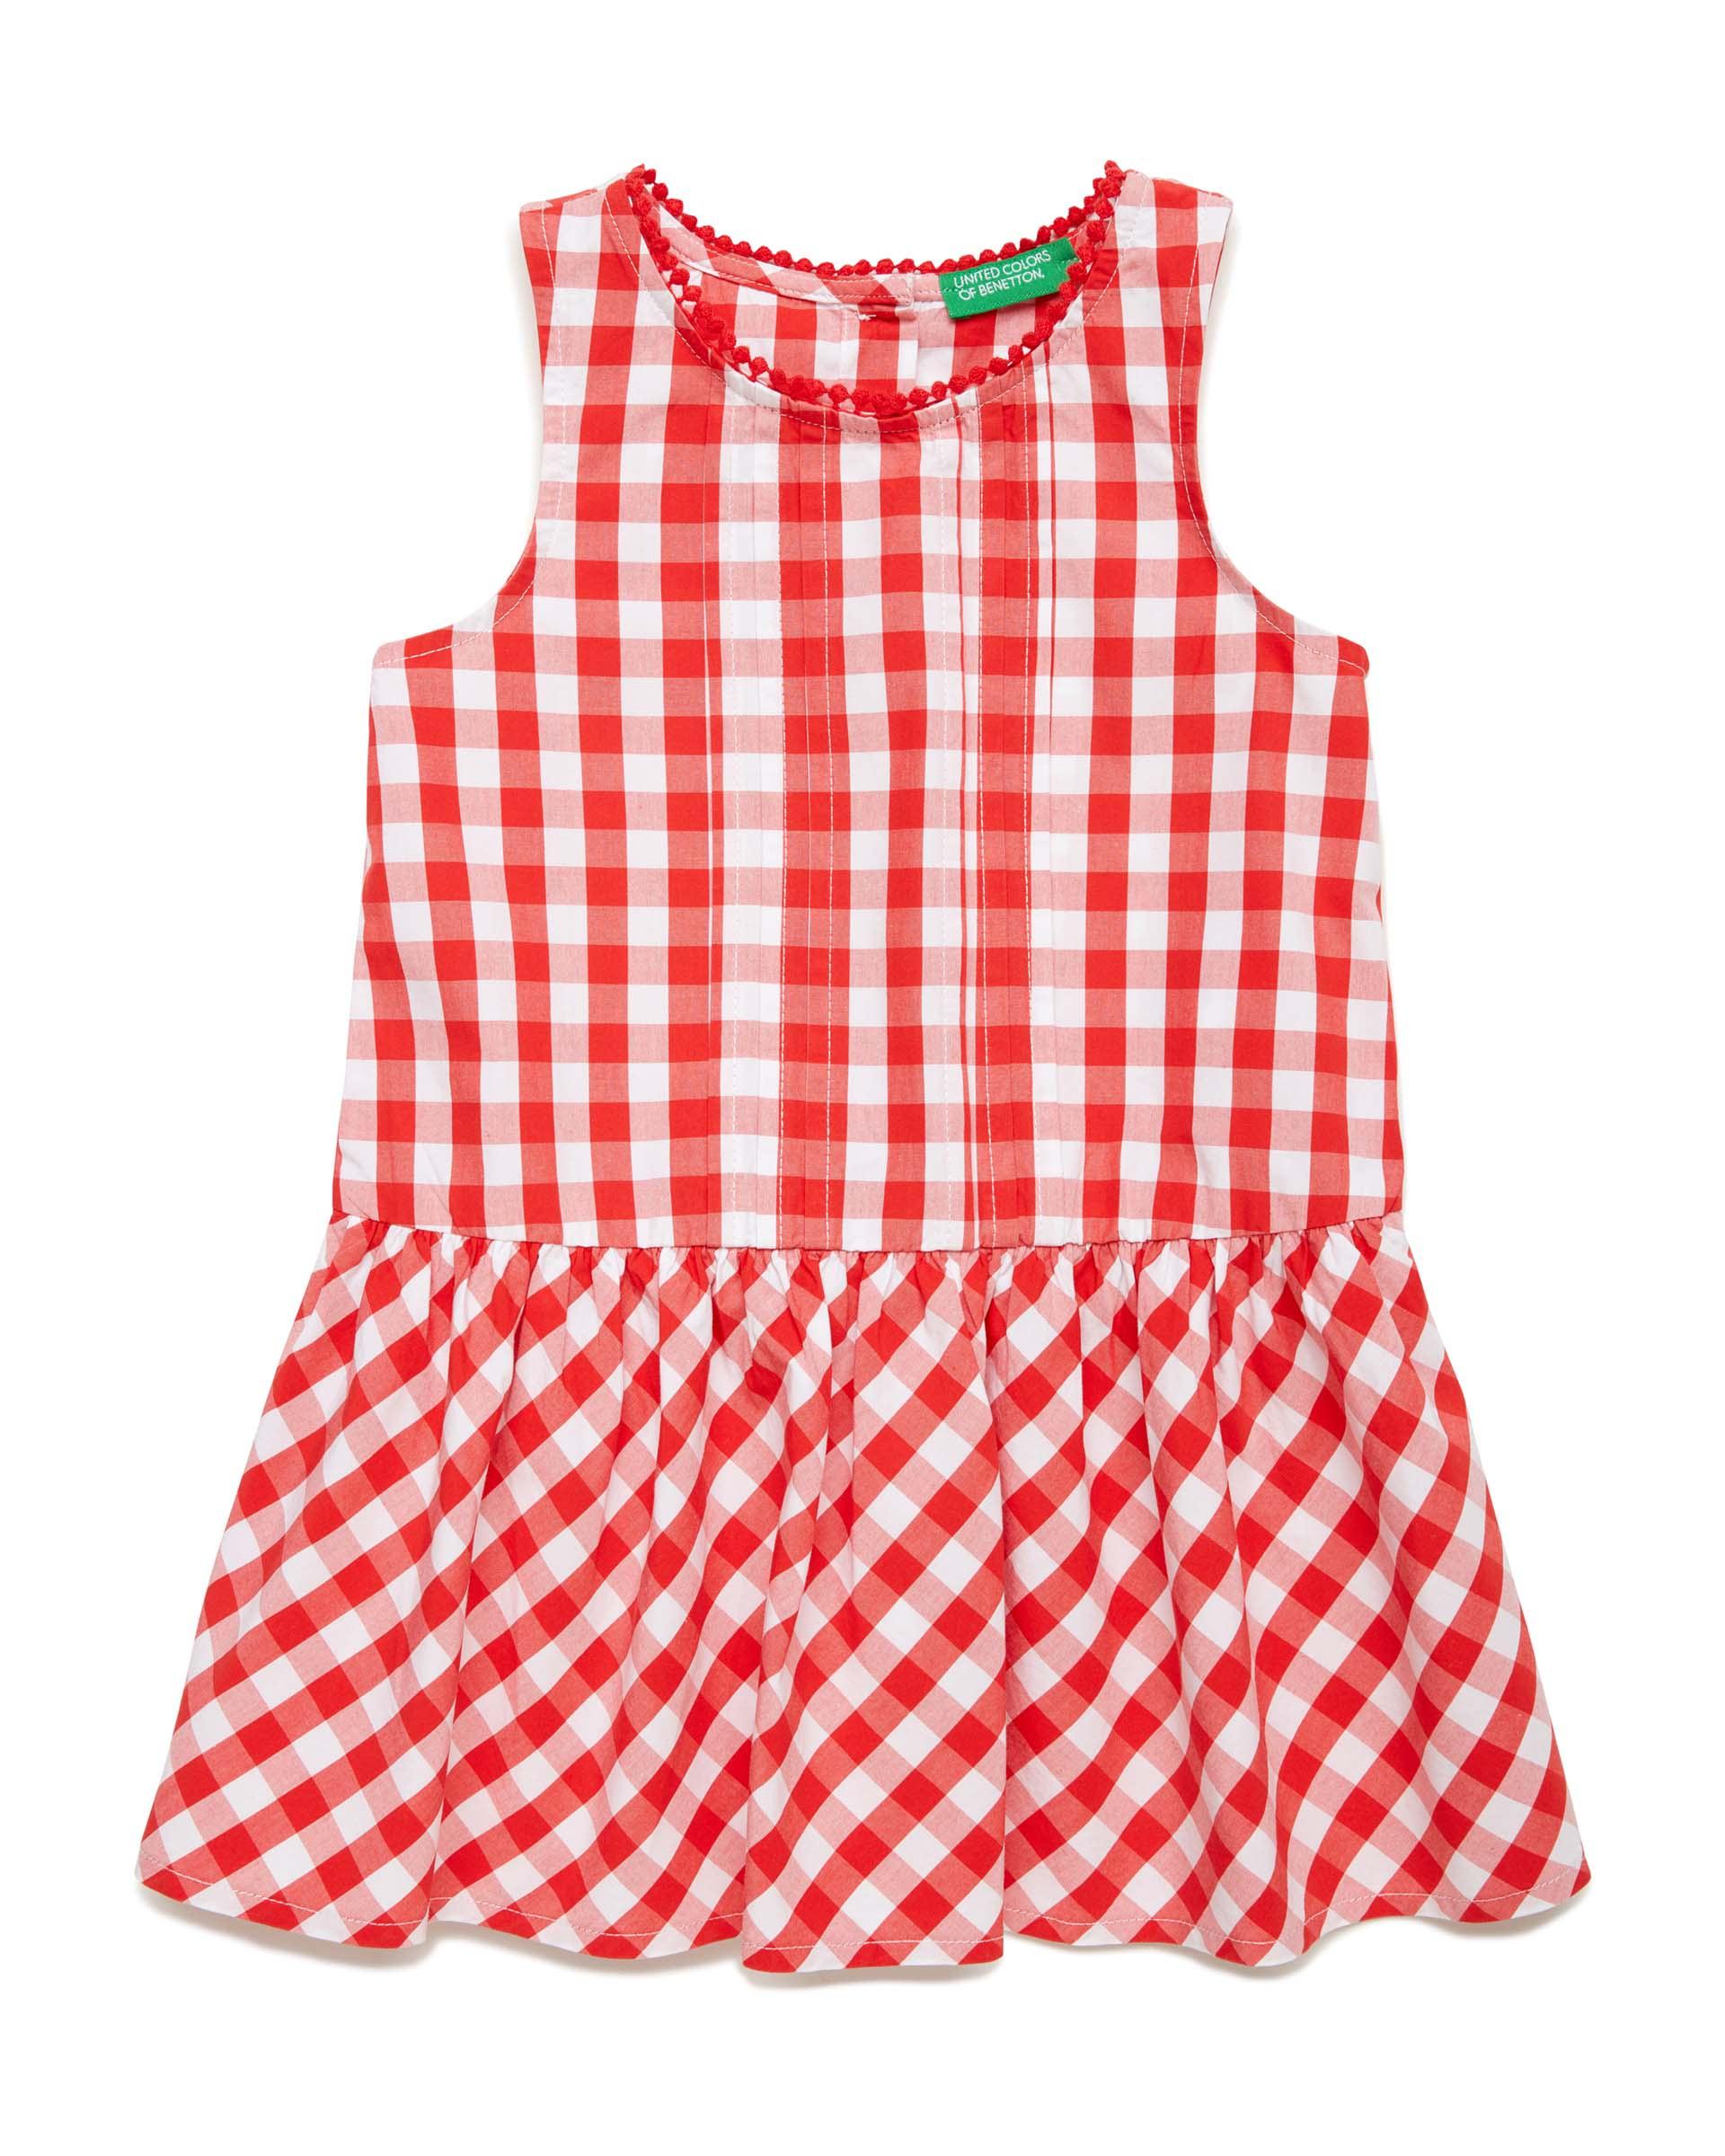 Купить 20P_4OT75V2LP_931, Платье для девочек Benetton 4OT75V2LP_931 р-р 92, United Colors of Benetton, Платья для новорожденных